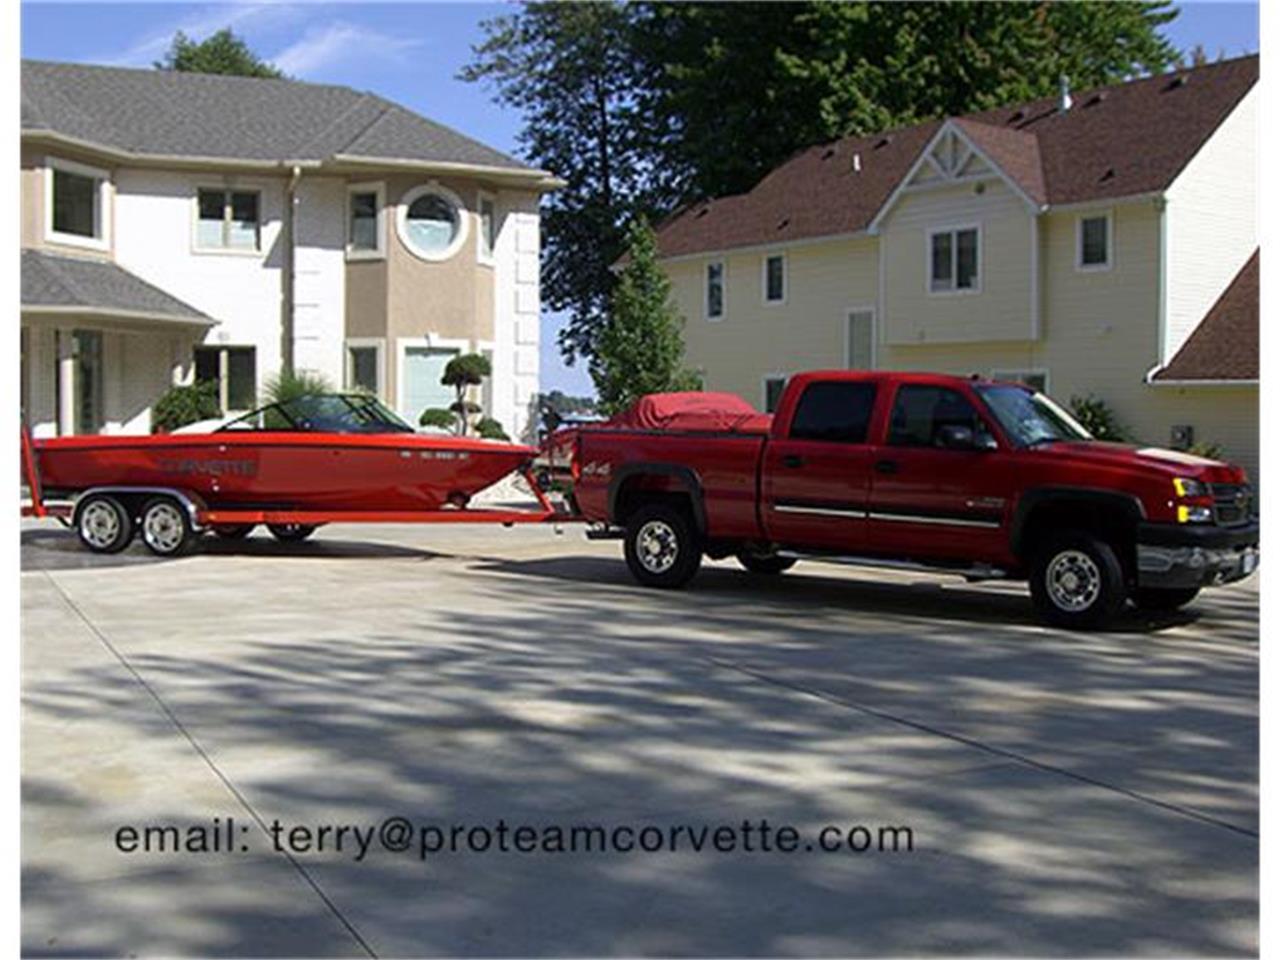 Large Picture of '98 Corvette located in Ohio - $35,000.00 - IGVA